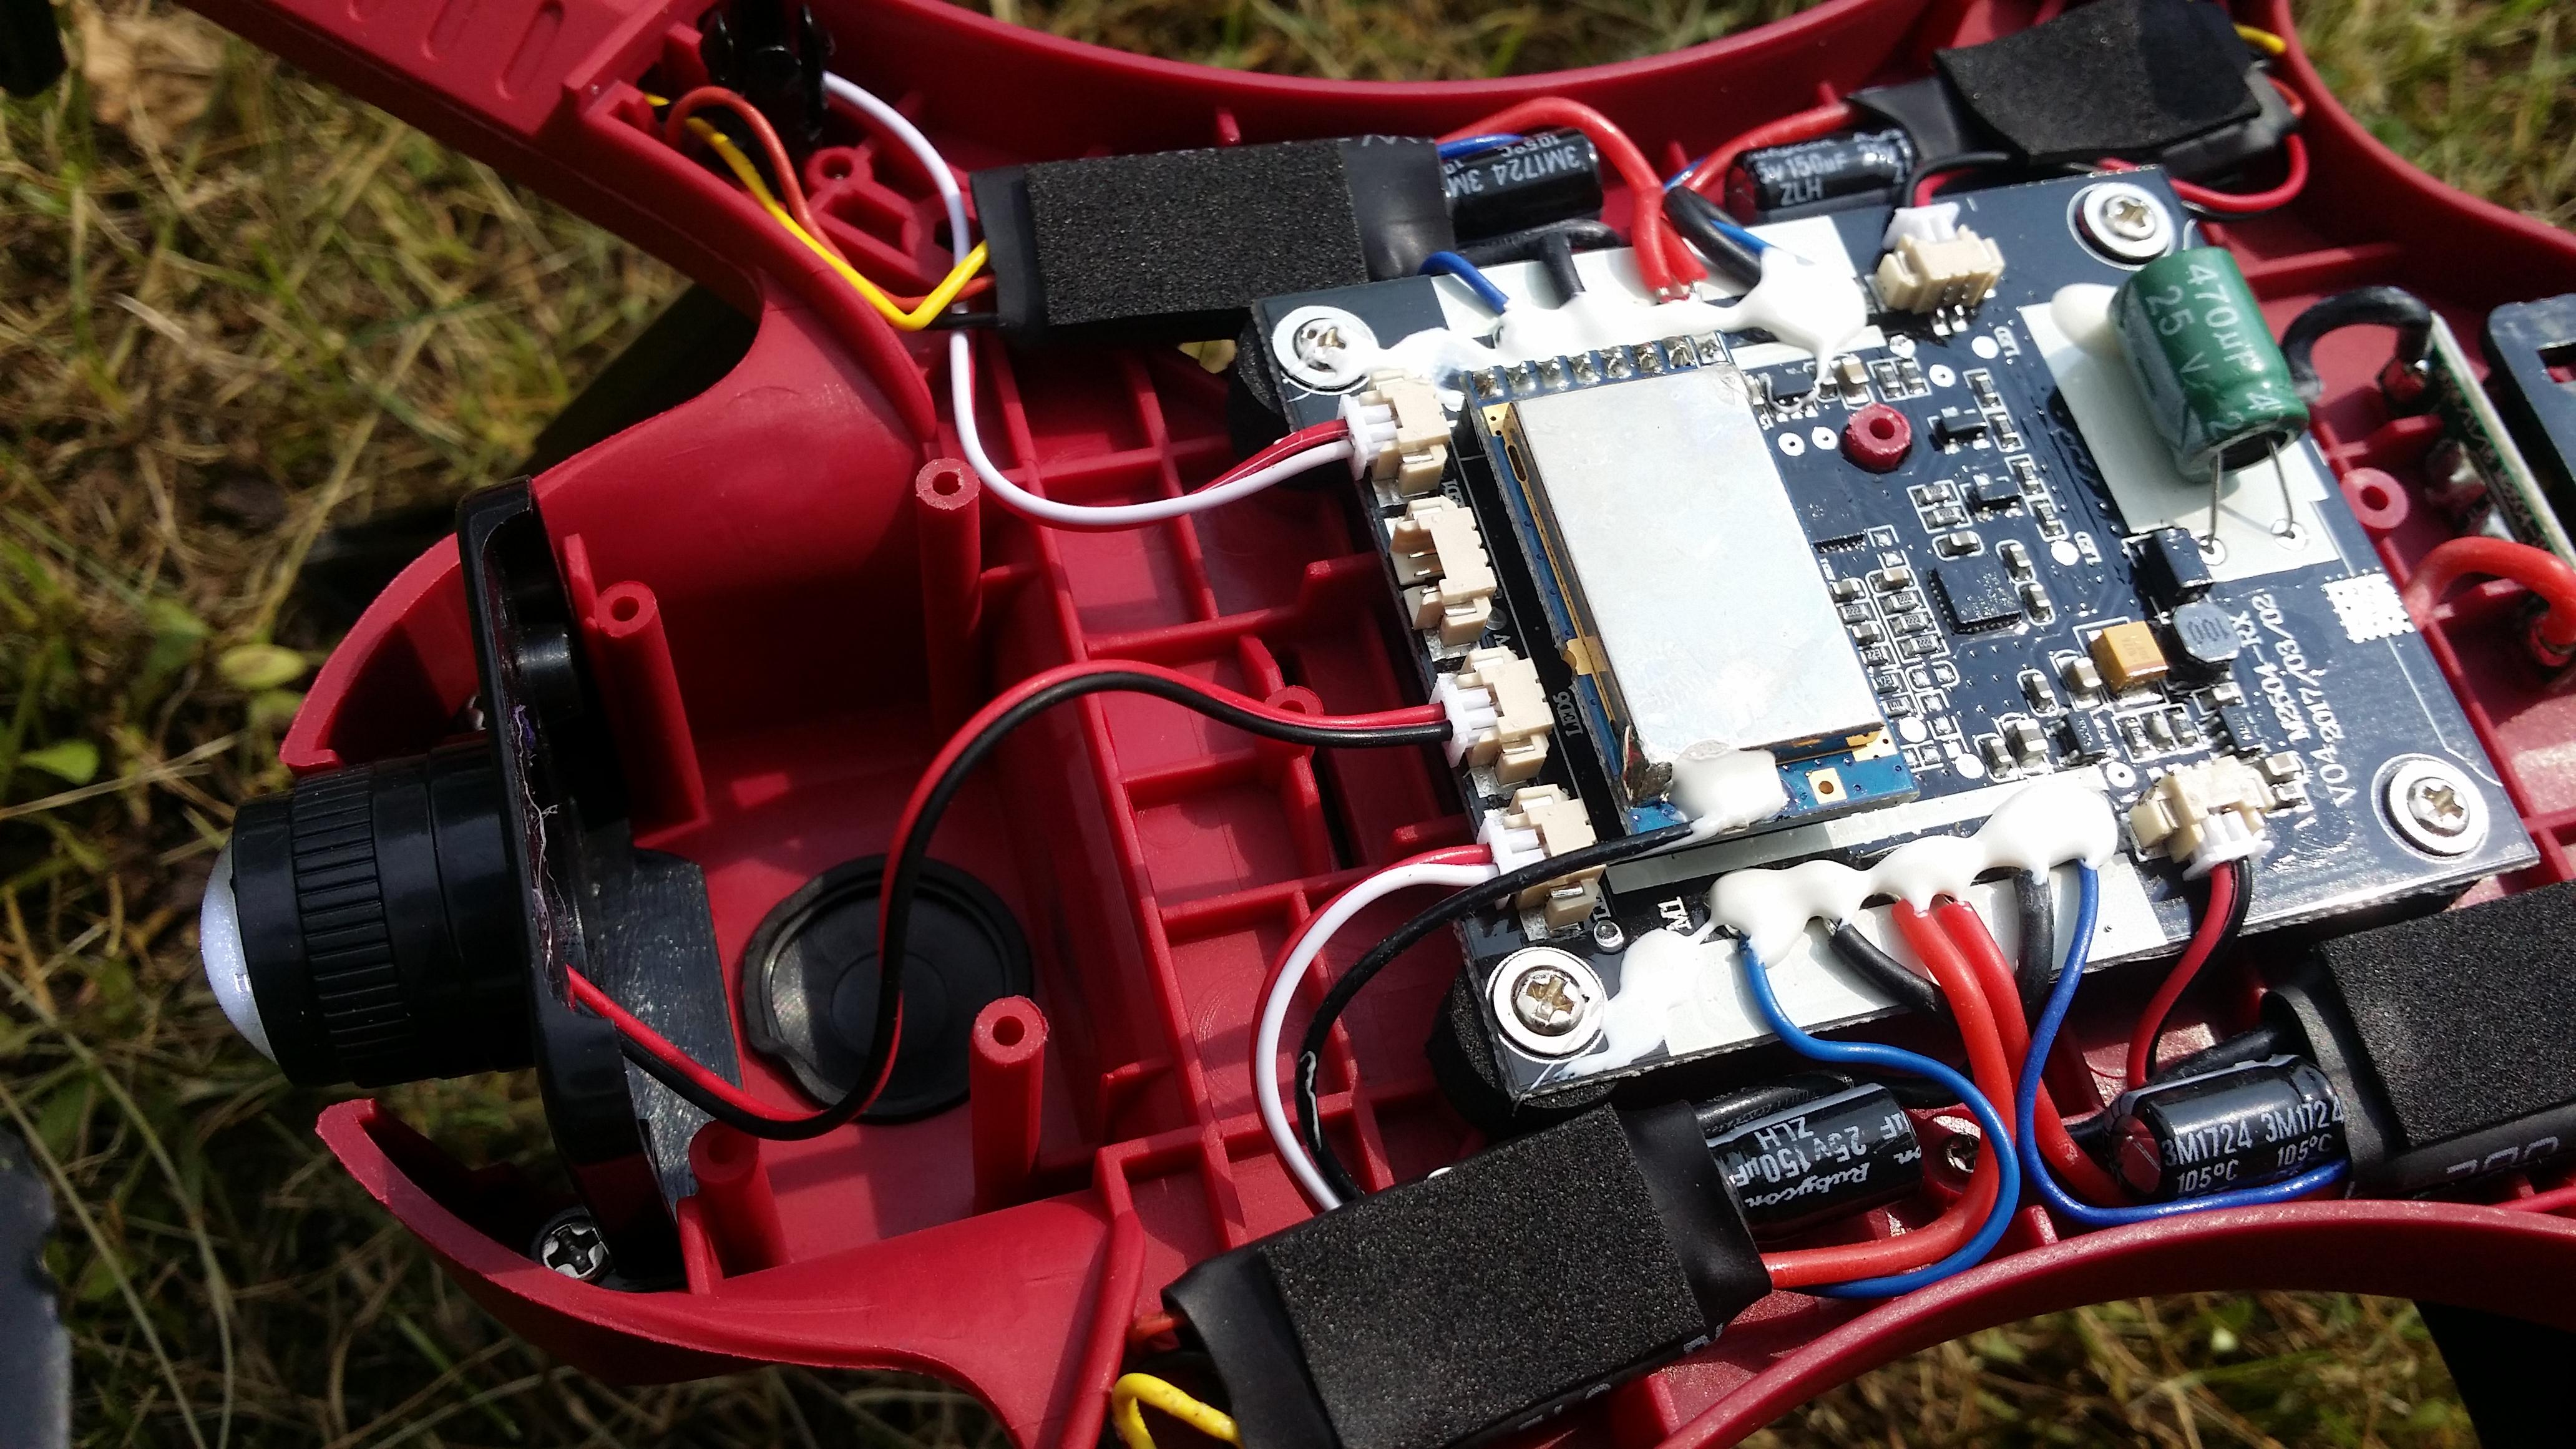 mjx-bugs-3-dron-teszt-20180805_105619